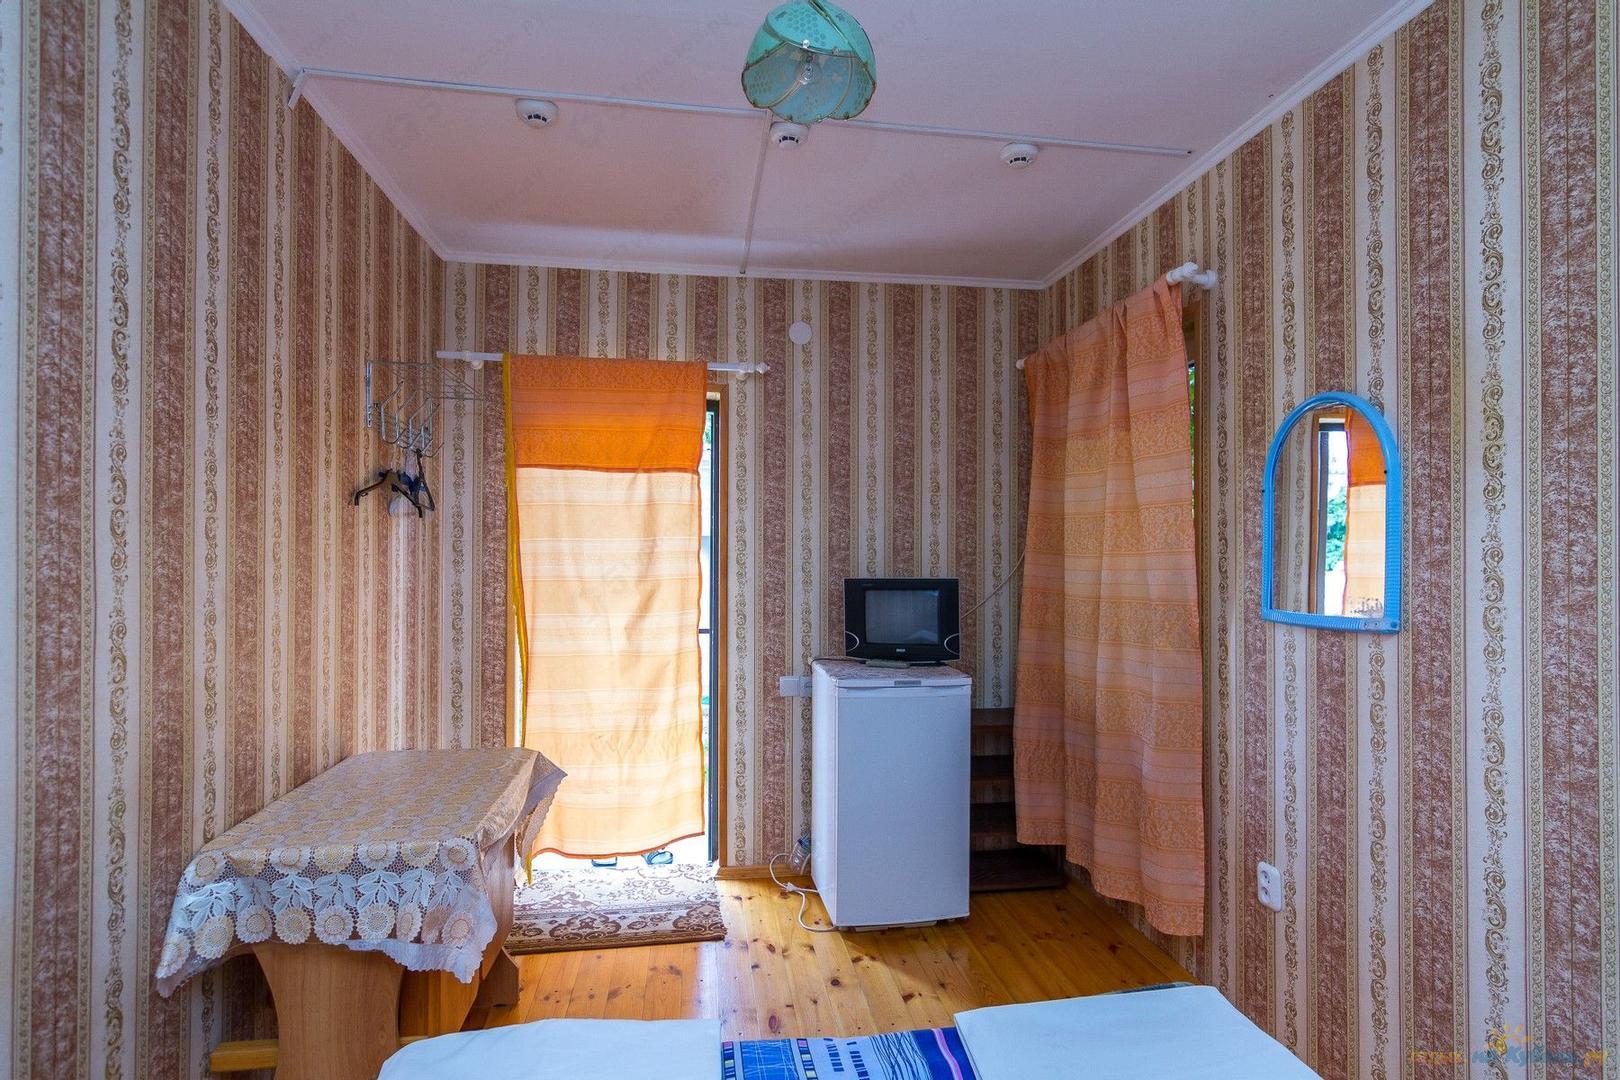 Двухместный номер. База отдыха Полянка, Туапсе, Пляхо